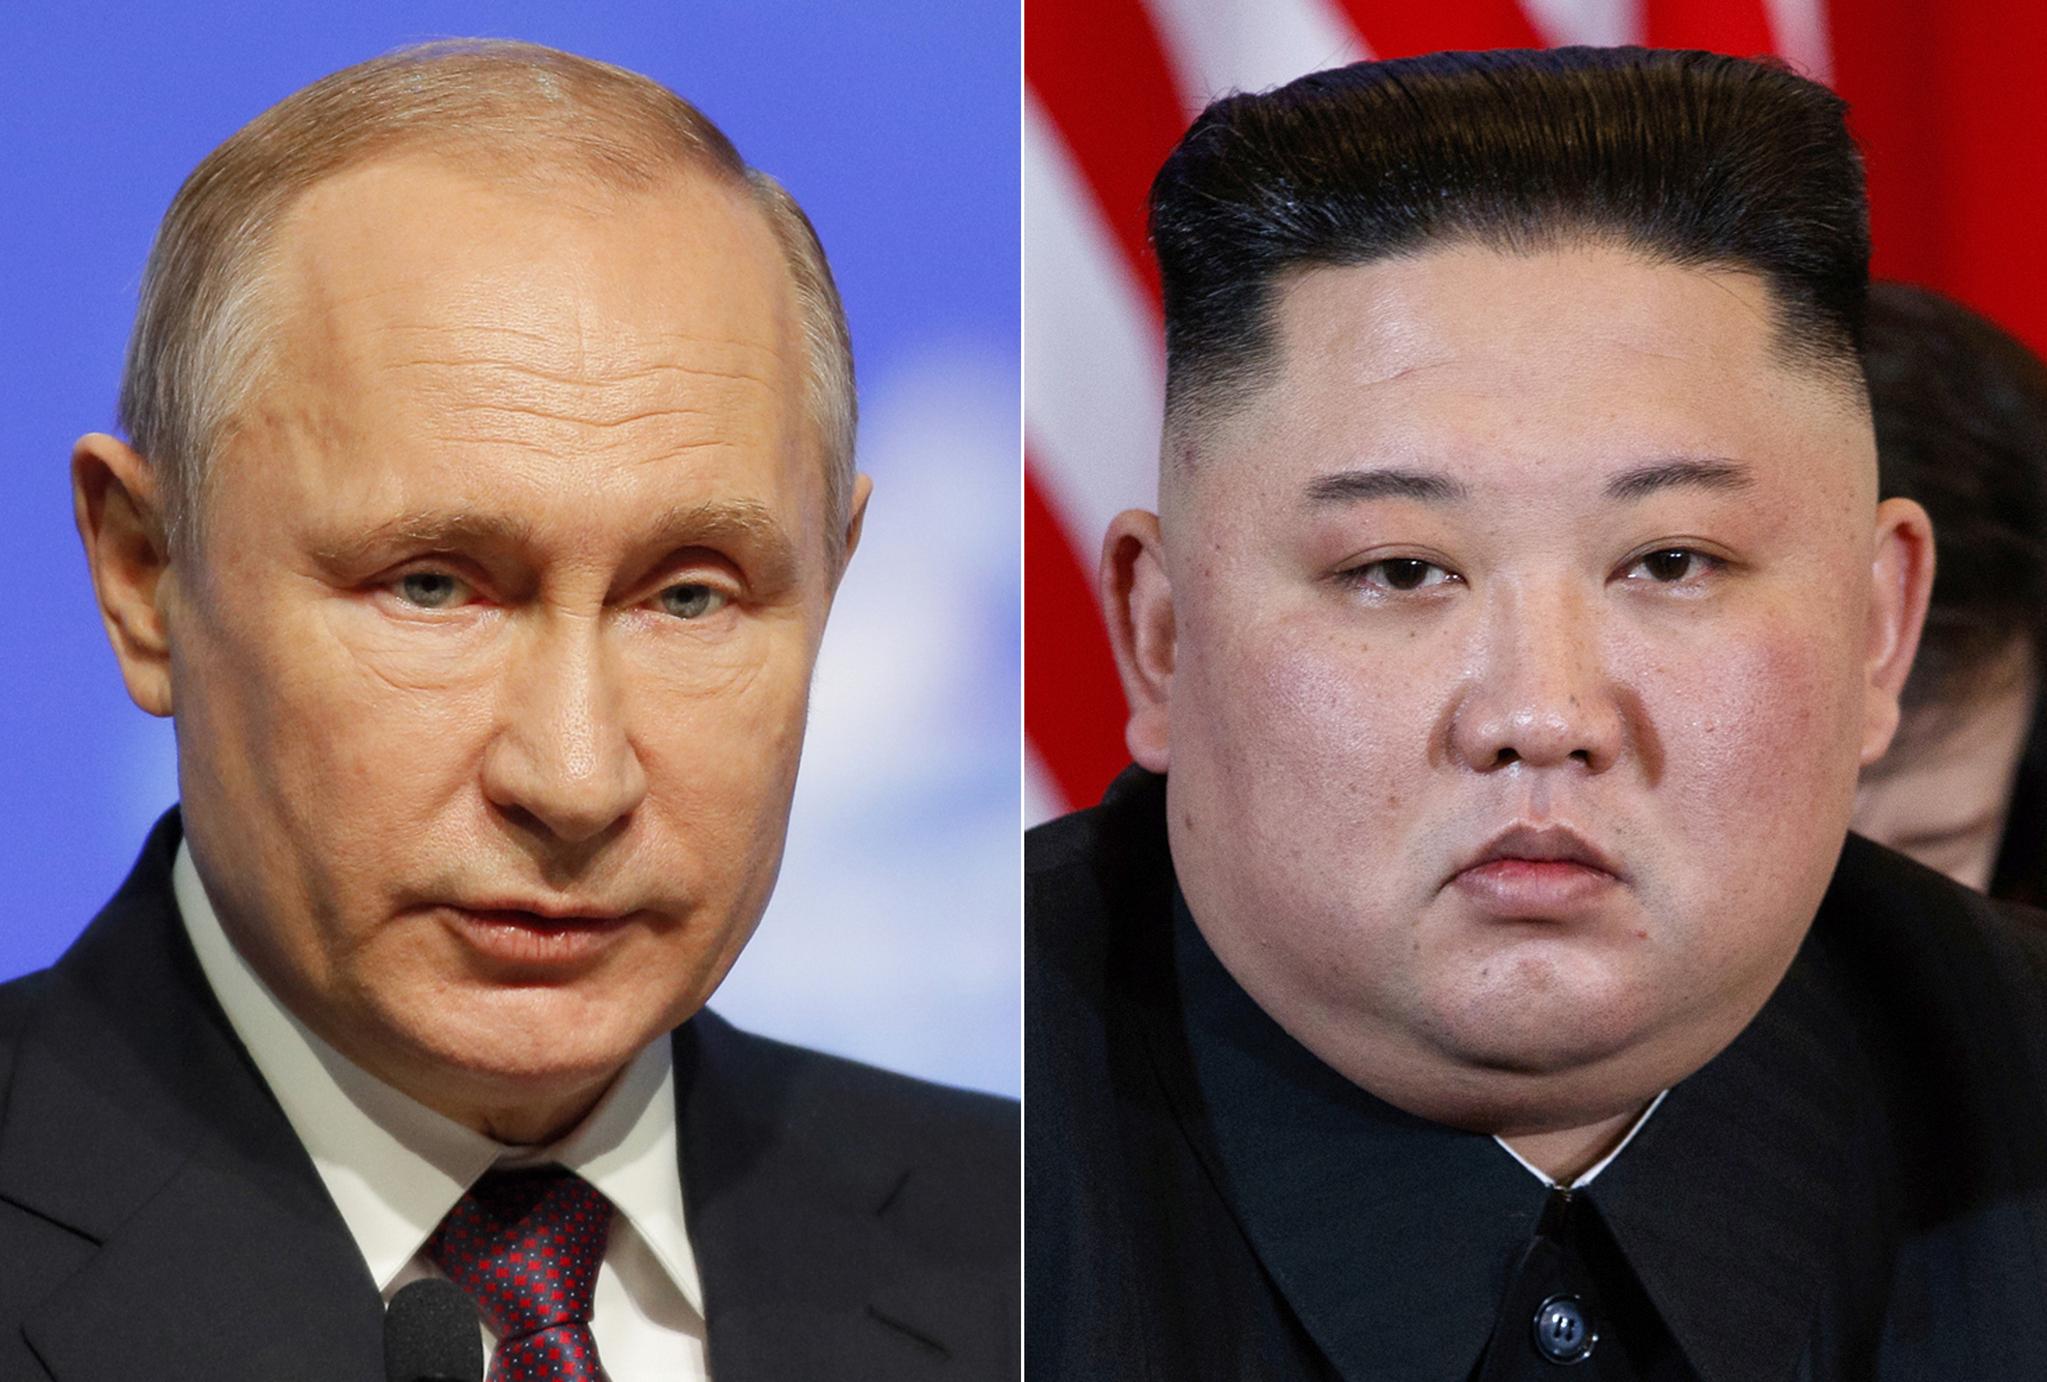 블라디미르 푸틴 러시아 대통령(왼쪽)과 방러 중인 김정은 북한 국무위원장이 25일 오후 첫 정상회담을 열 예정이다. [AP=연합뉴스]